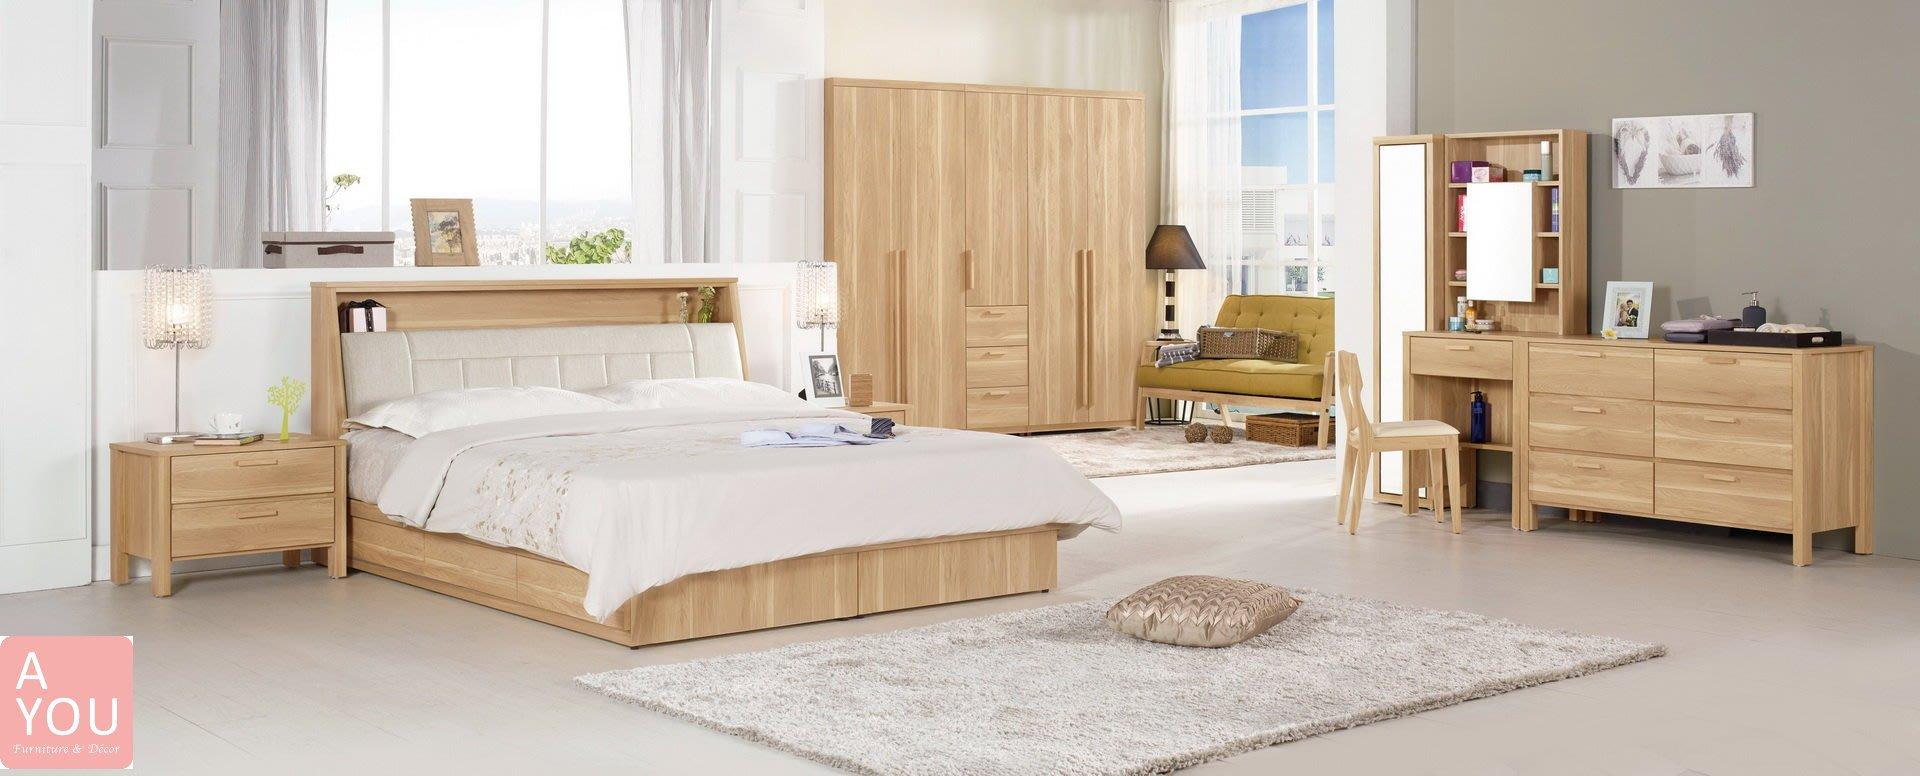 波里斯6尺被櫥式雙人床  促銷價17600元(免運費)【阿玉的家2018】